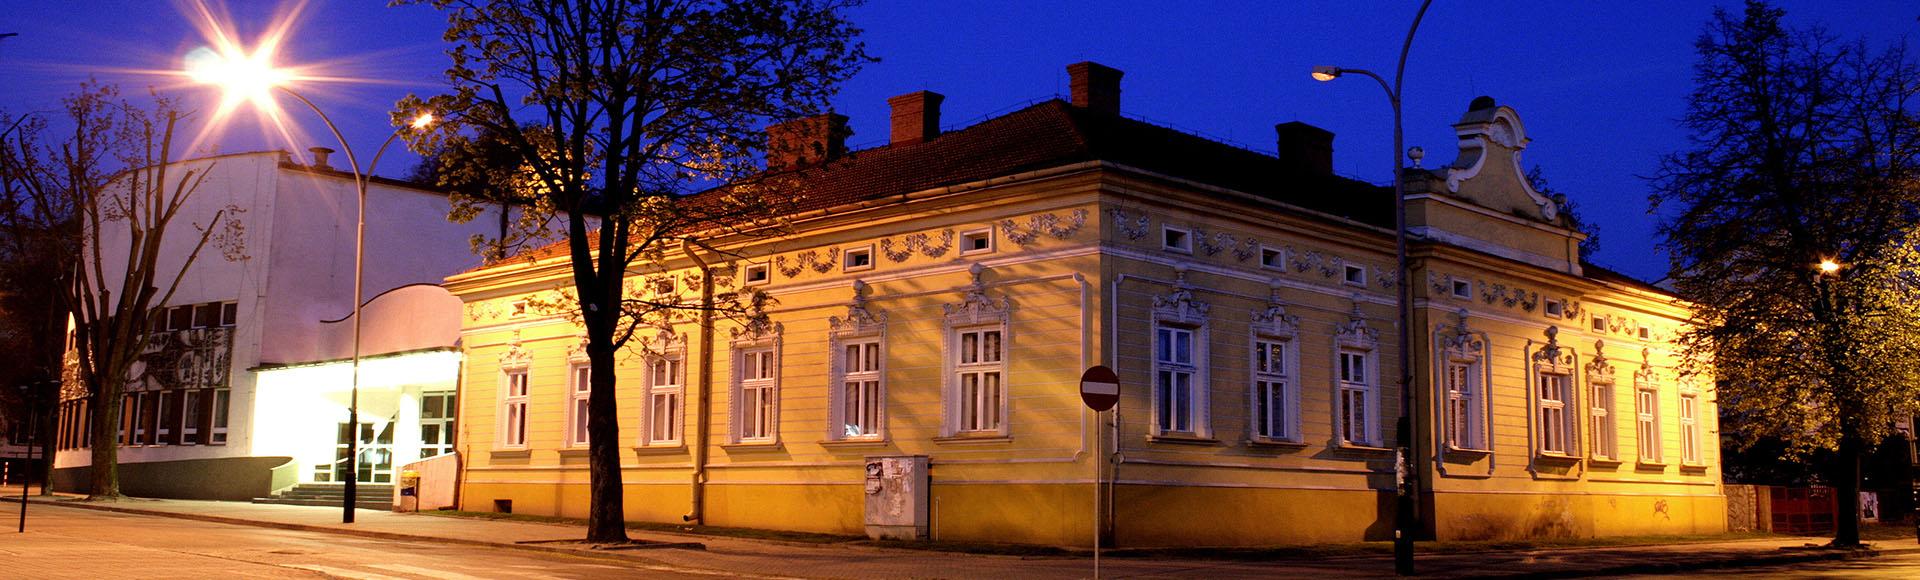 Tarnobrzeski Dom Kultury